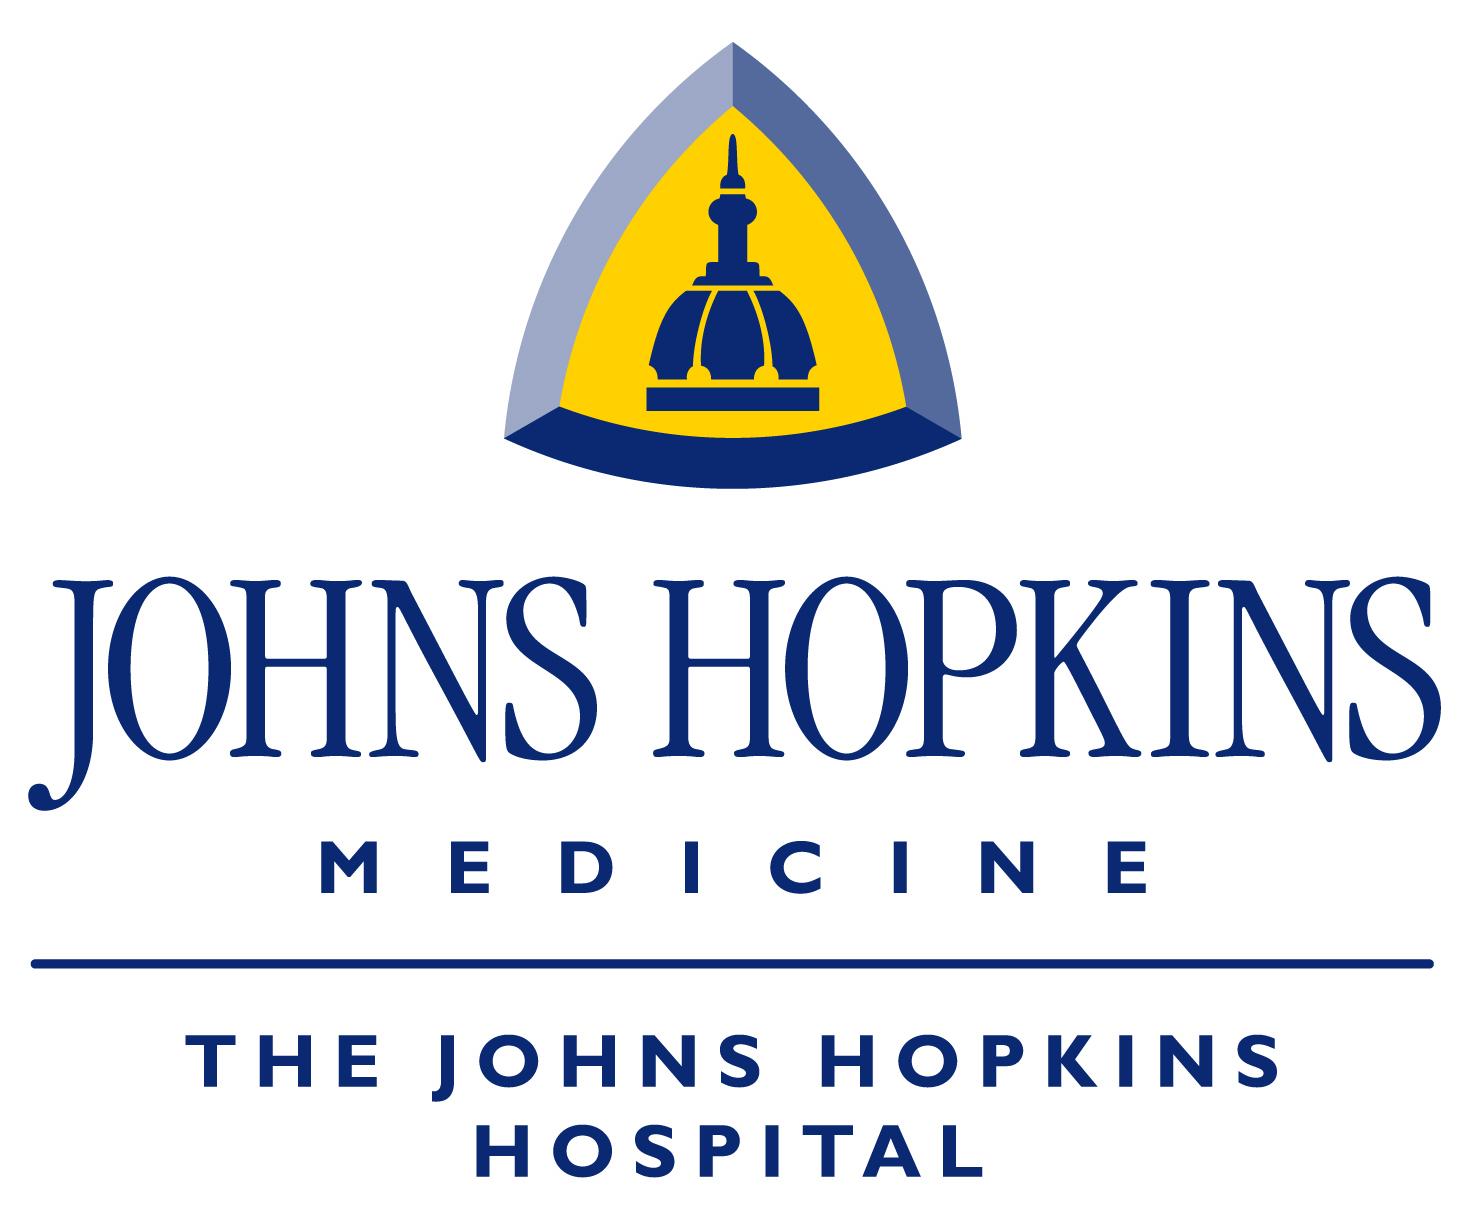 JohnsHopkinsHospital.jpg